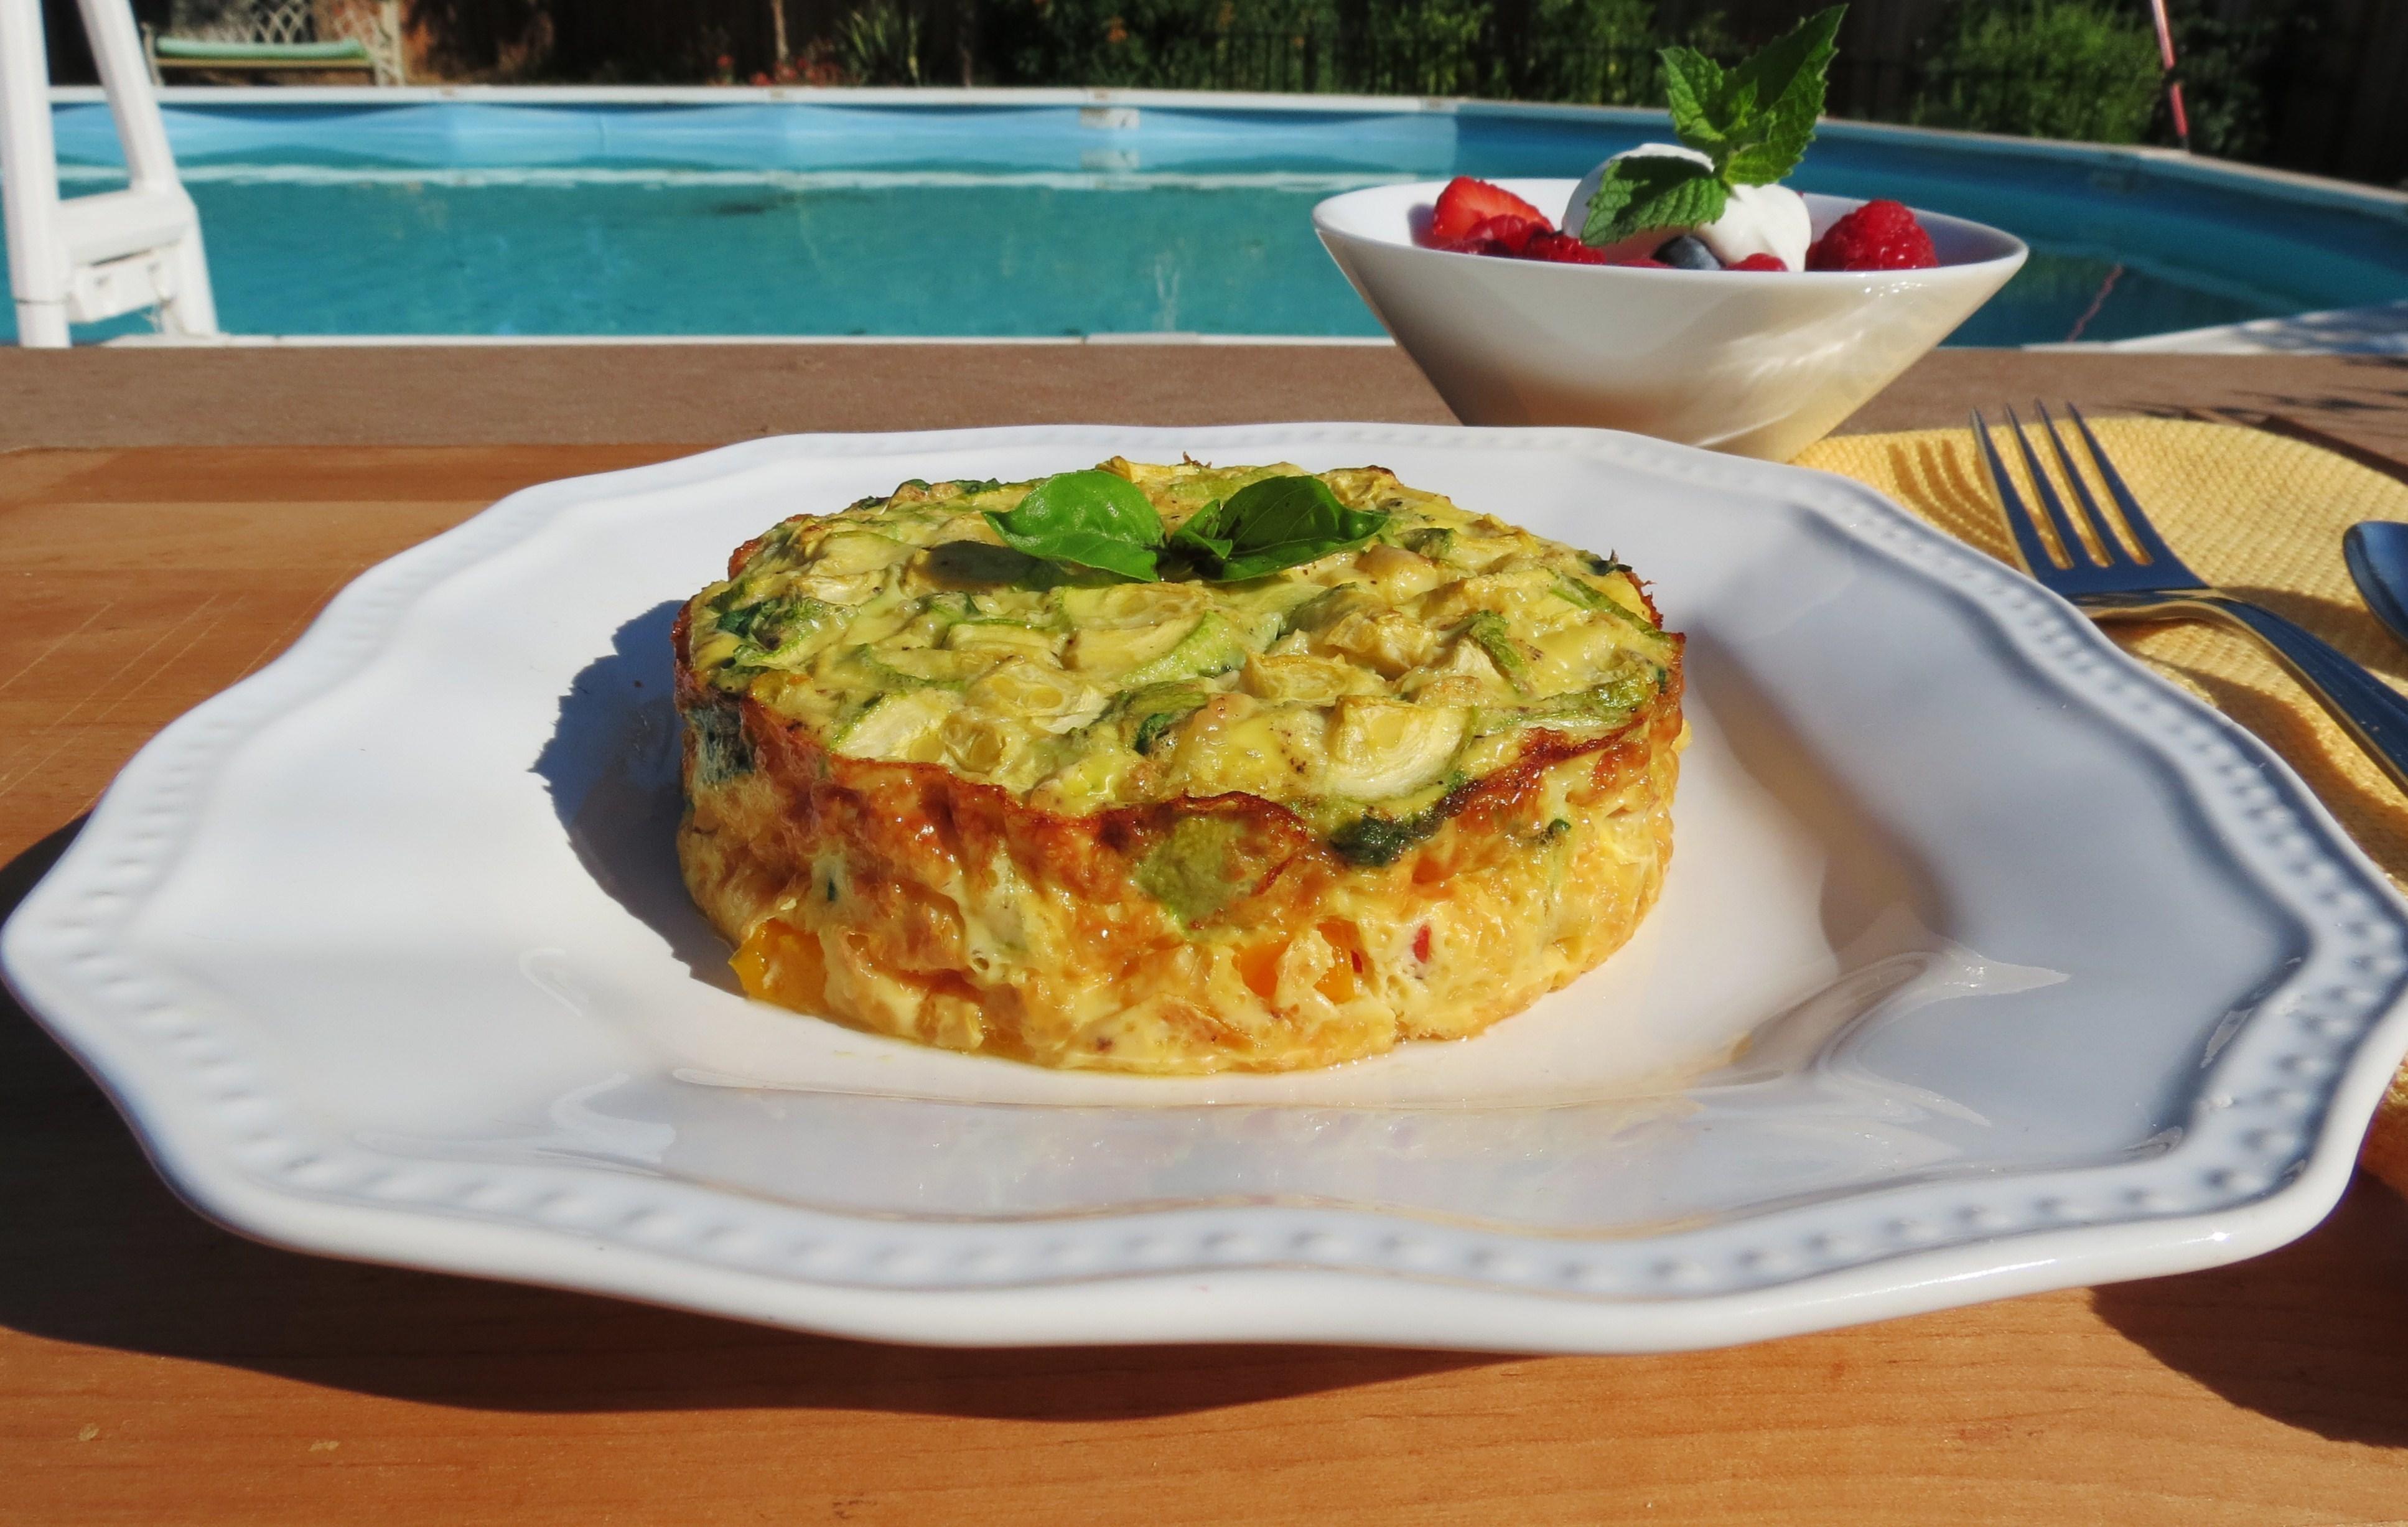 Veggie Garden Egg Bake